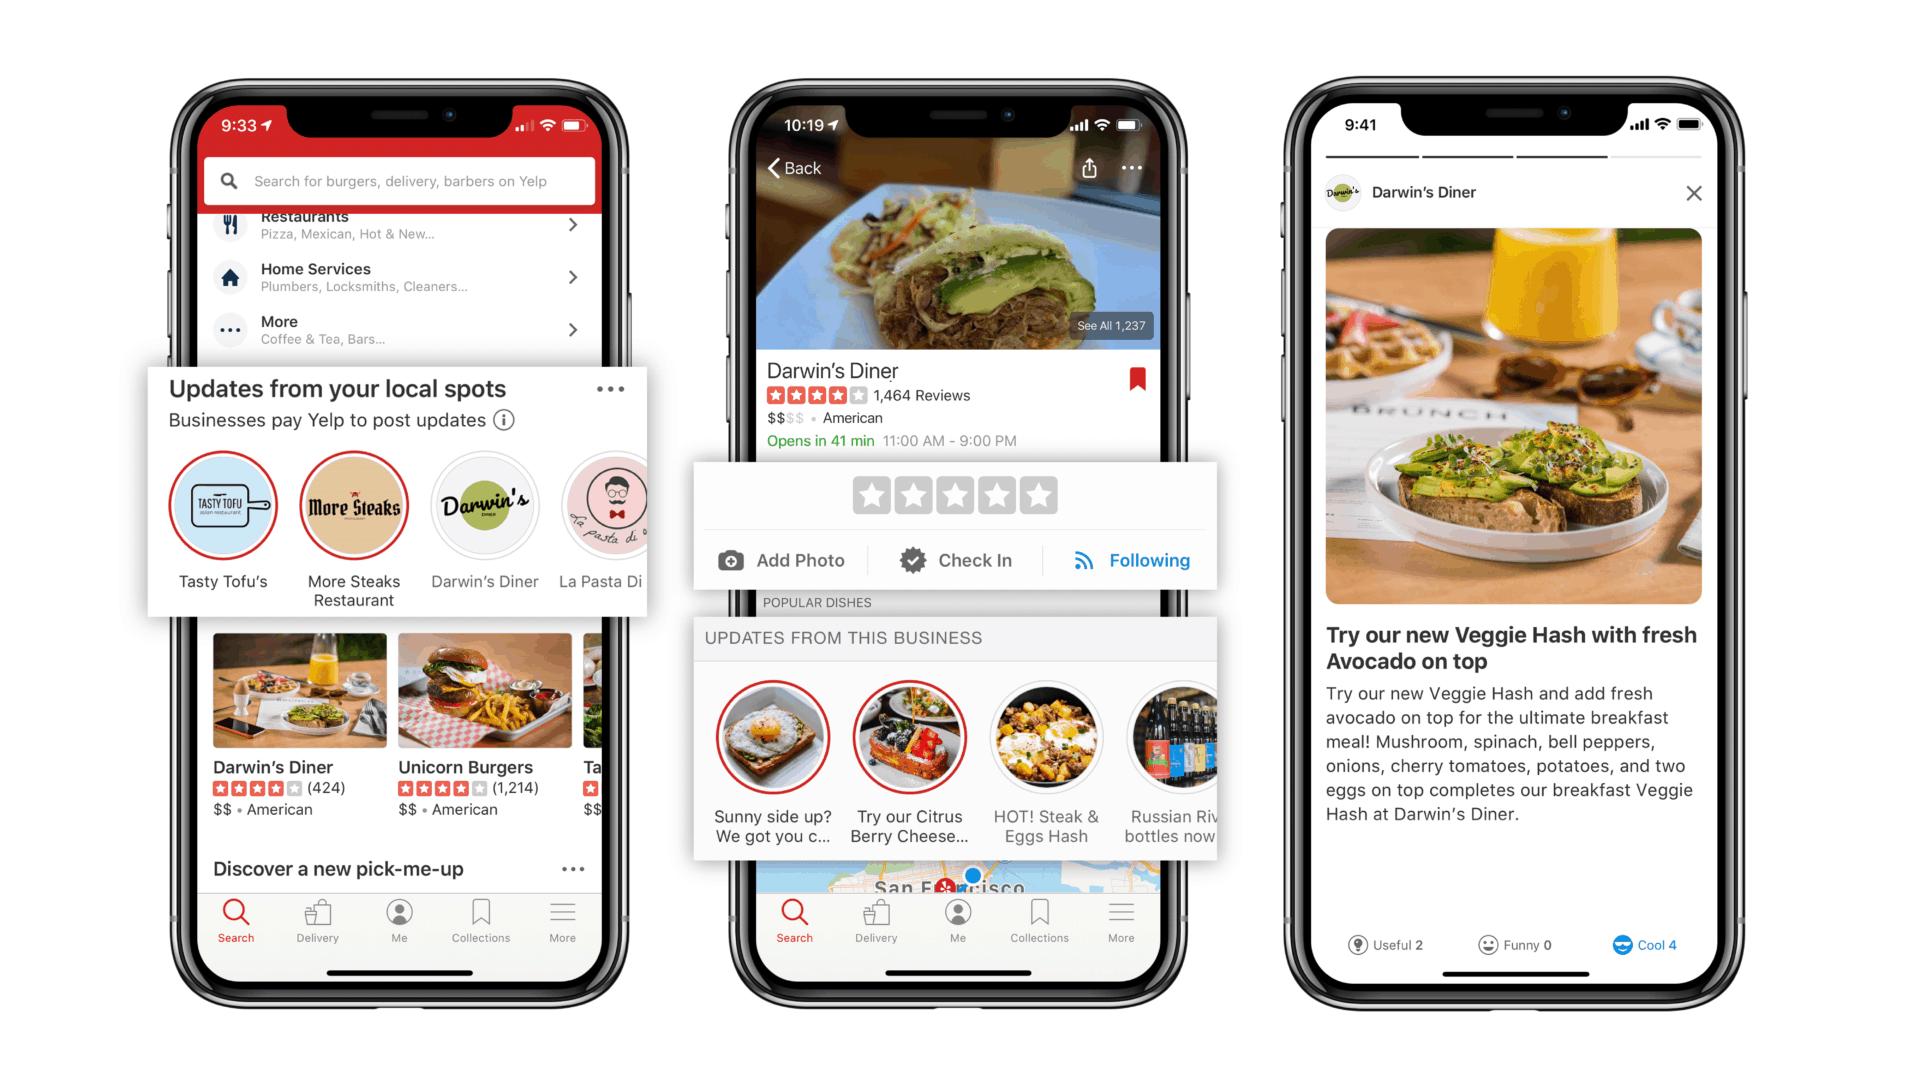 Mit Yelp-Bewertungen lassen sich Restaurants, Hotels und andere Unternehmen bewerten